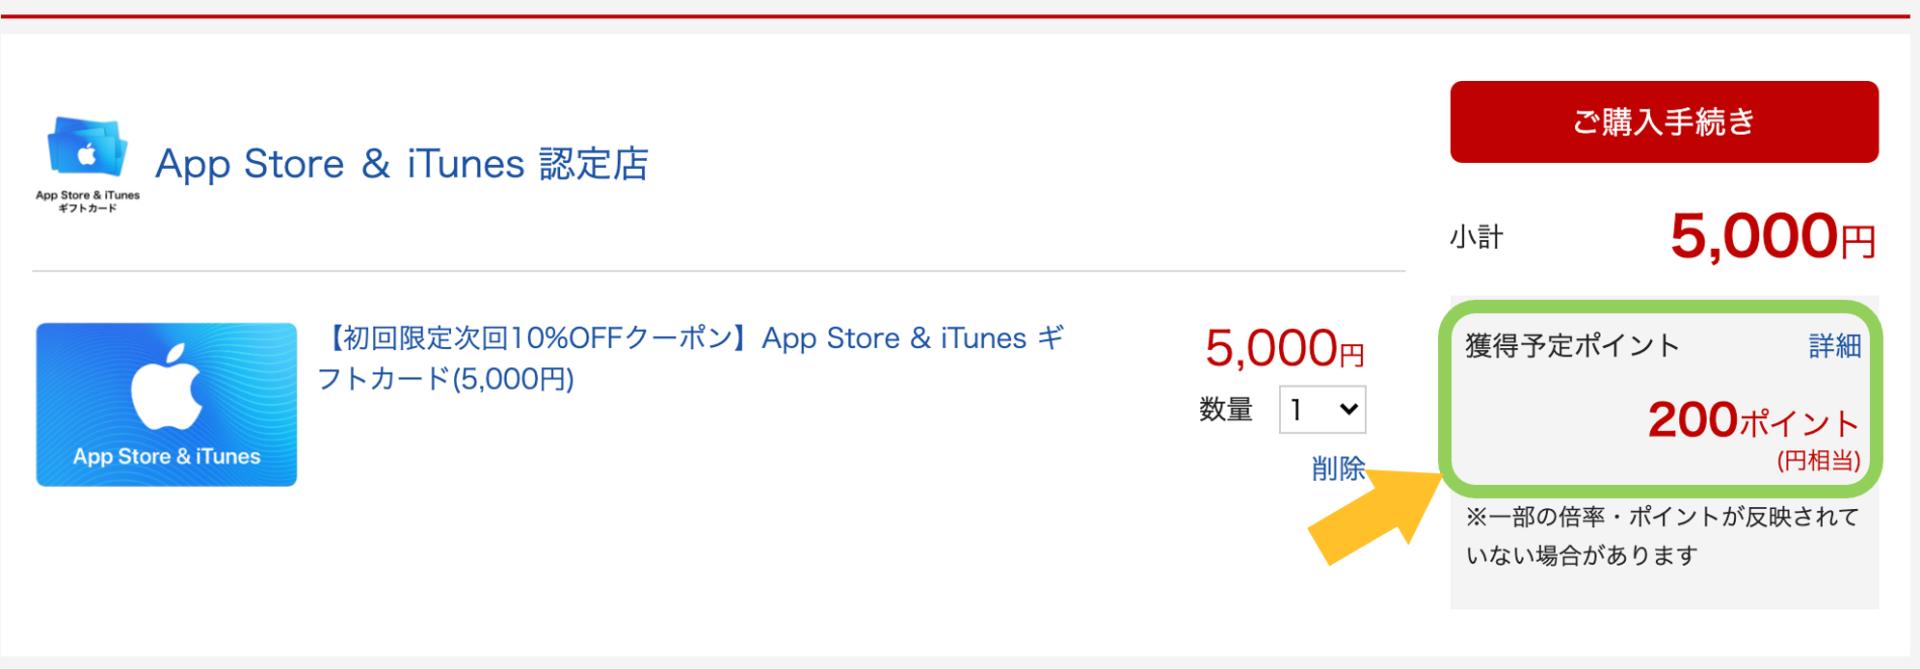 楽天ポイント200円分